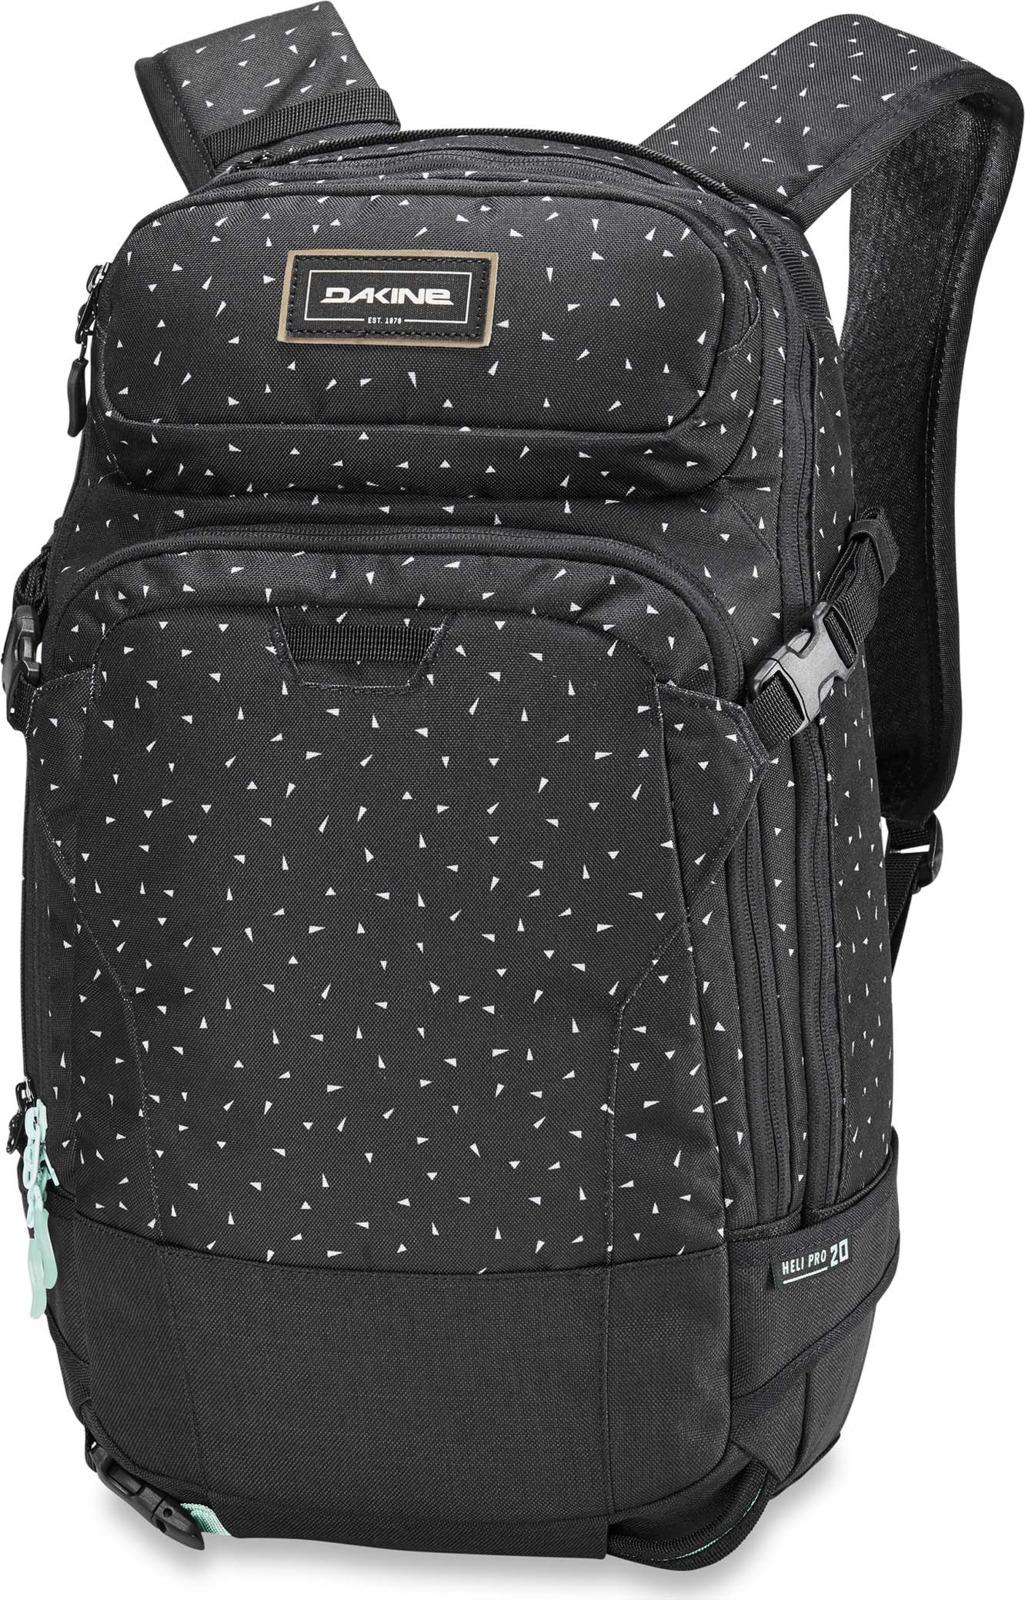 Рюкзак женский Dakine Women's Heli Pro, цвет: черный, 20 л oiwas ноутбук рюкзак мода случайные